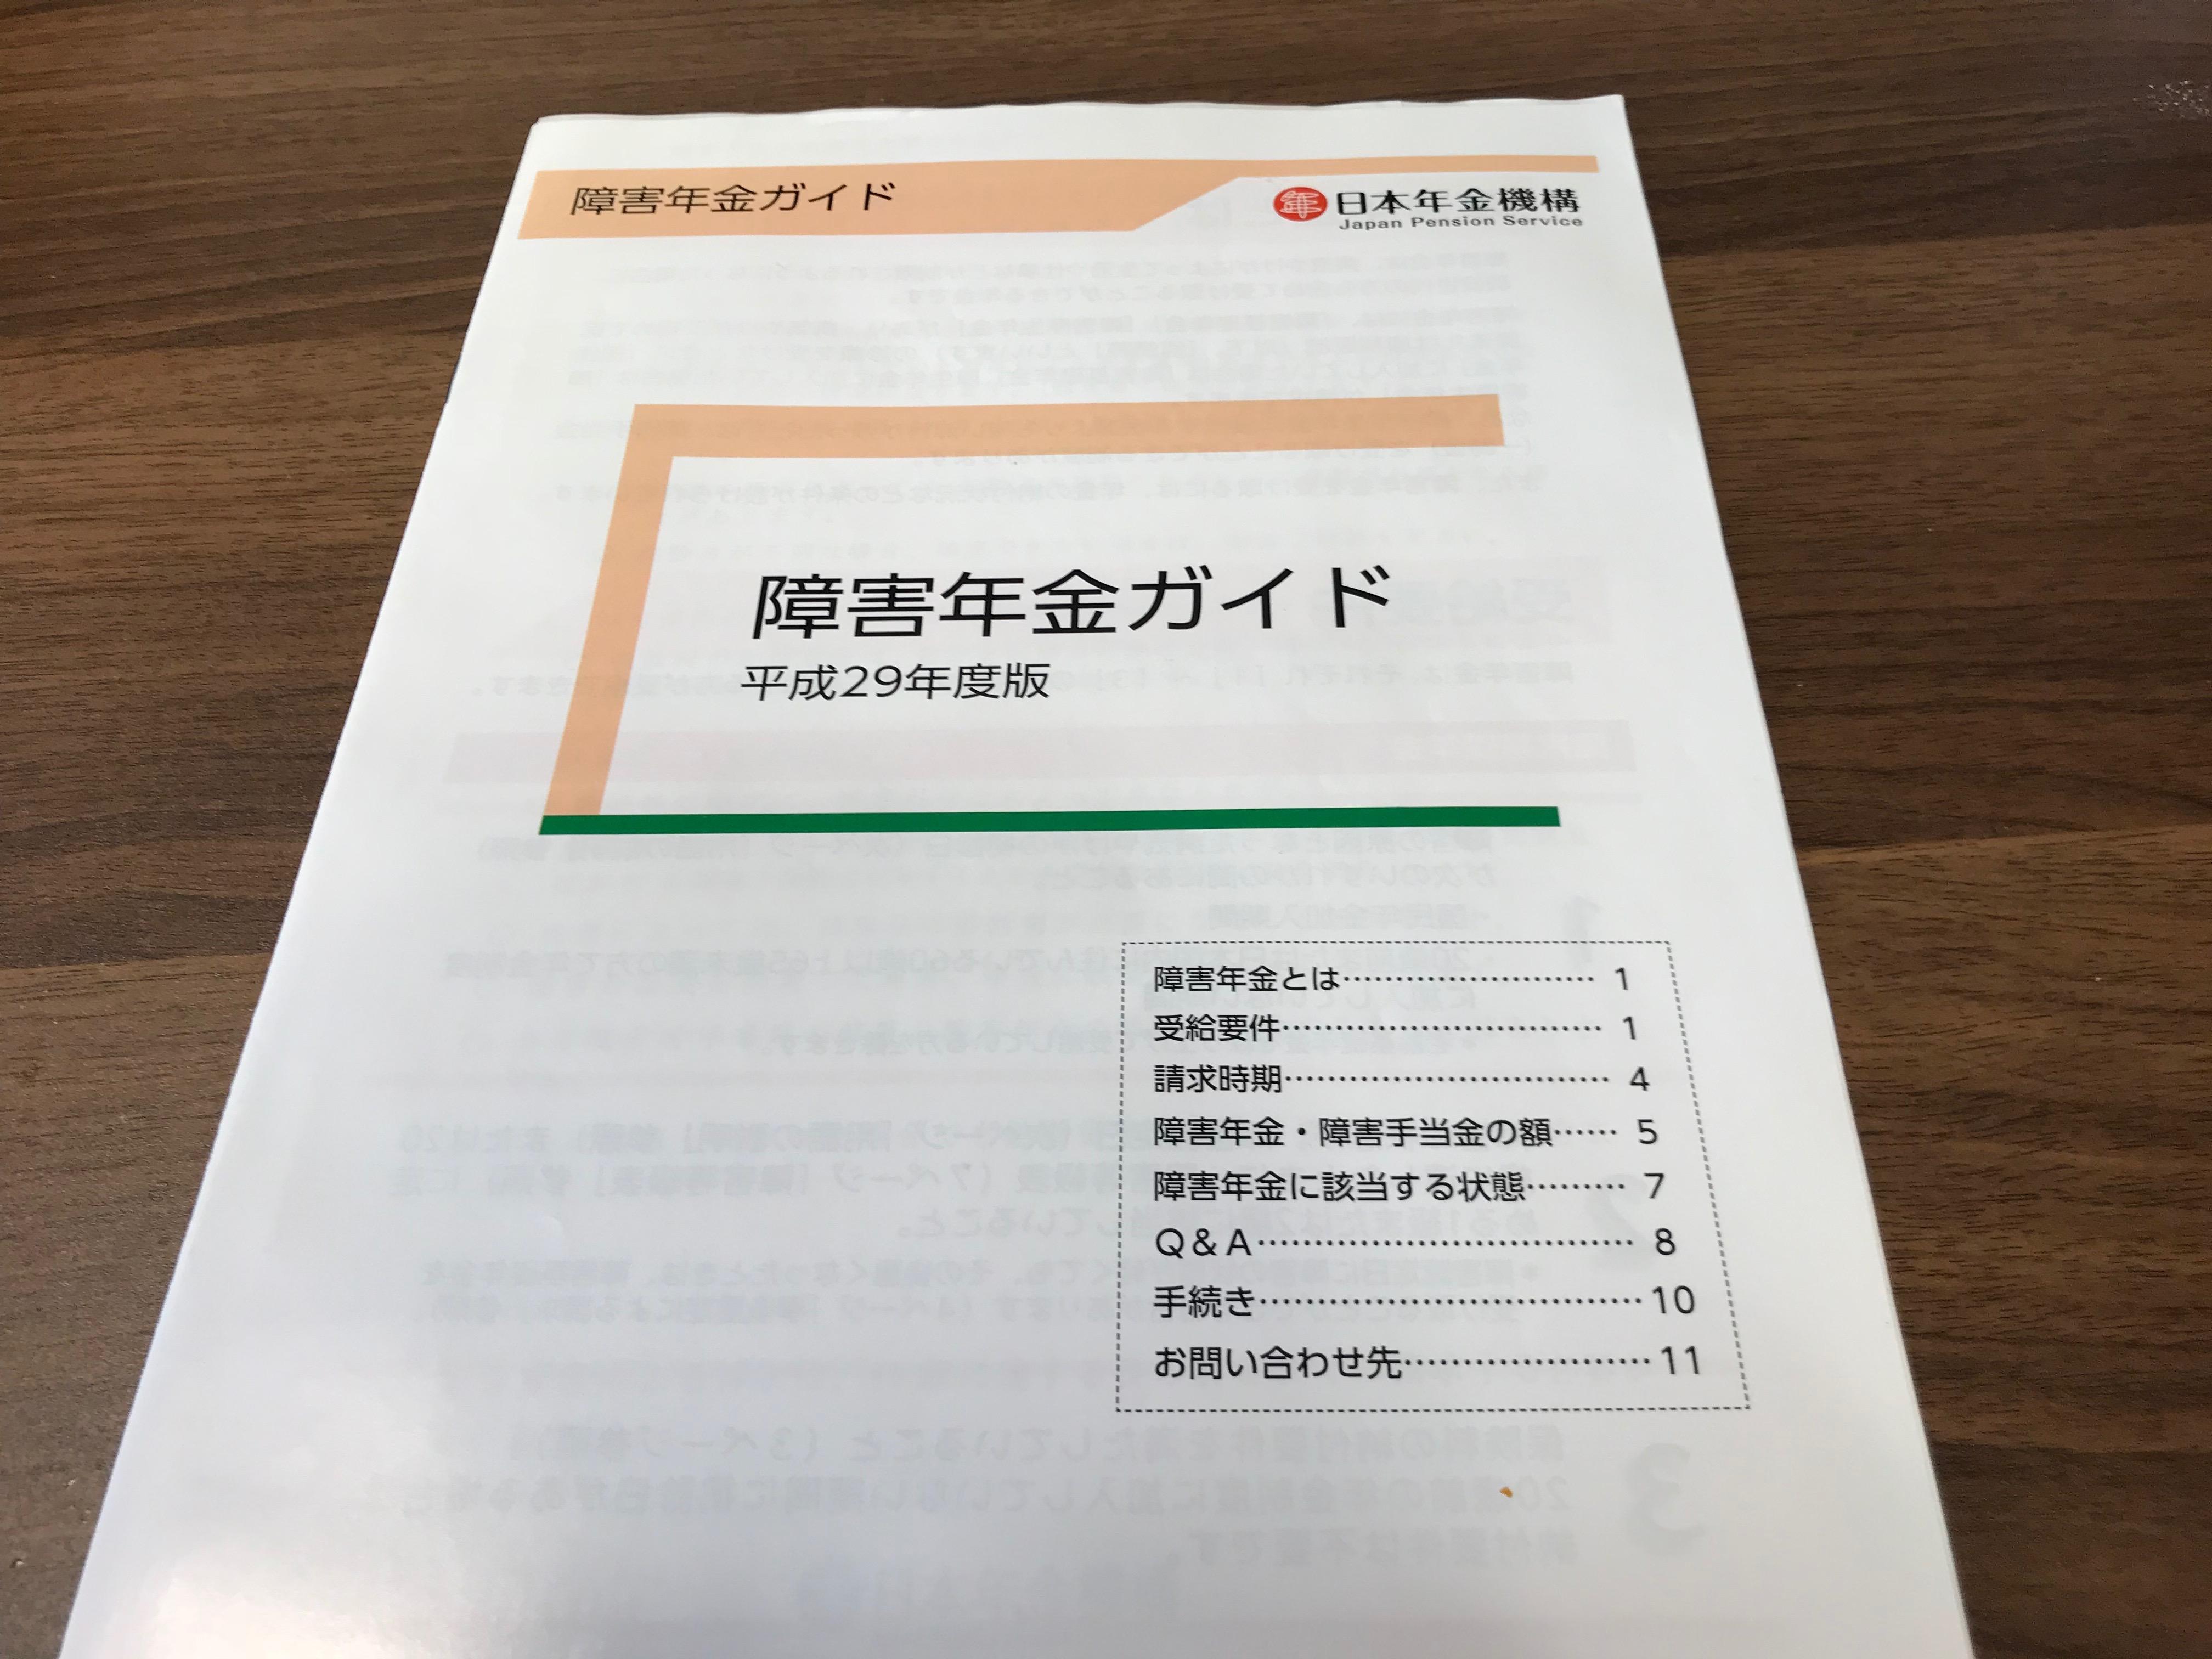 障害年金ガイド(平成29年版)